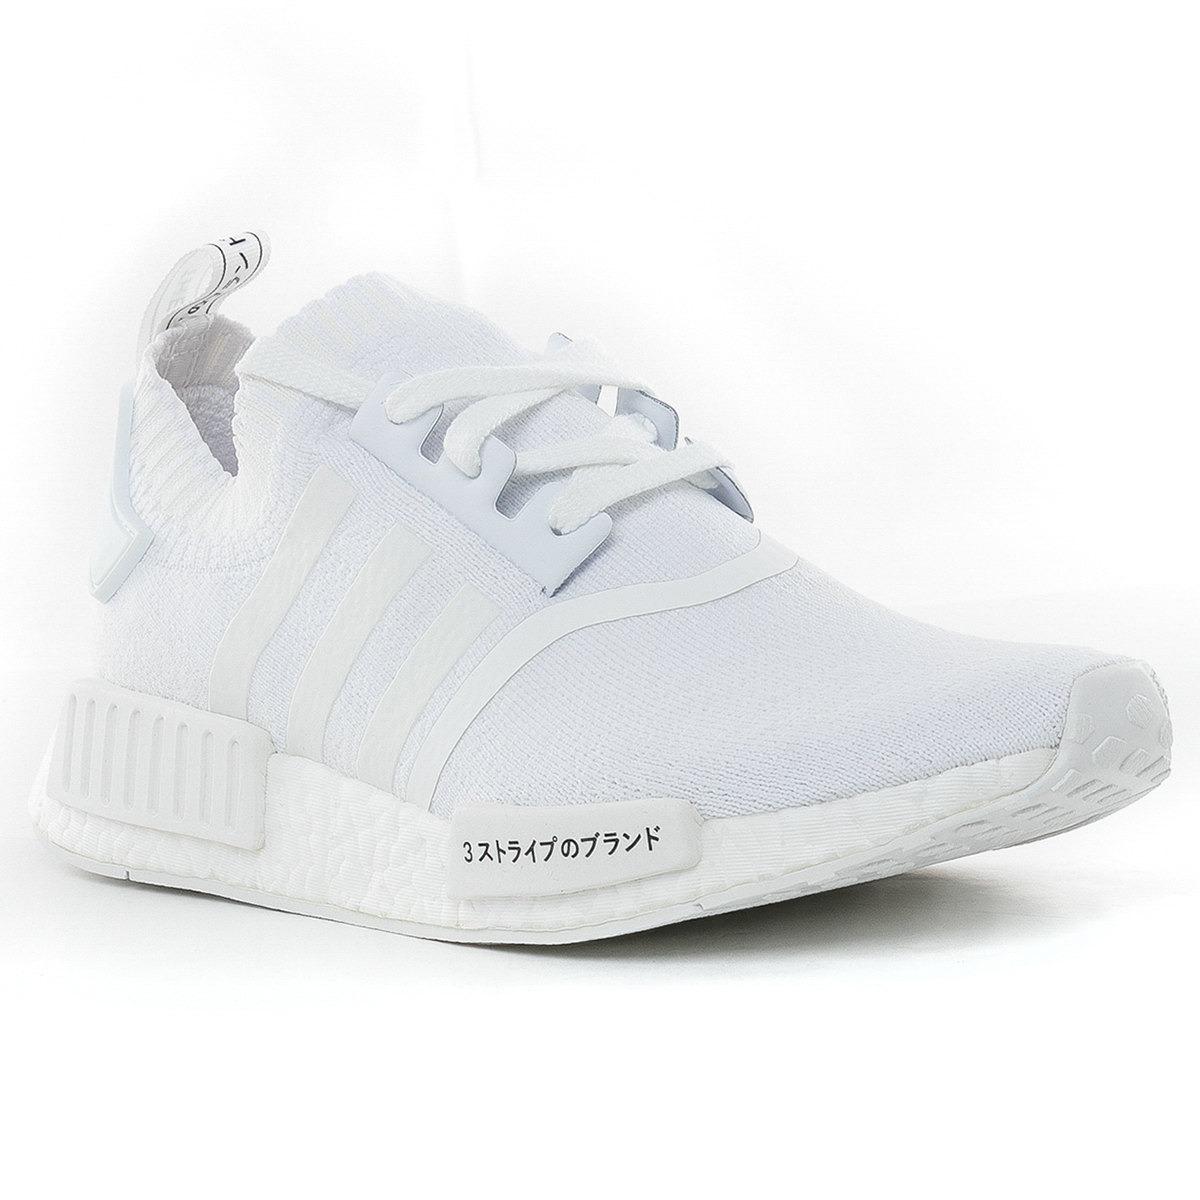 zapatillas nmd r1 primeknit adidas originals tienda oficial. Cargando zoom. 9e8c74f2a